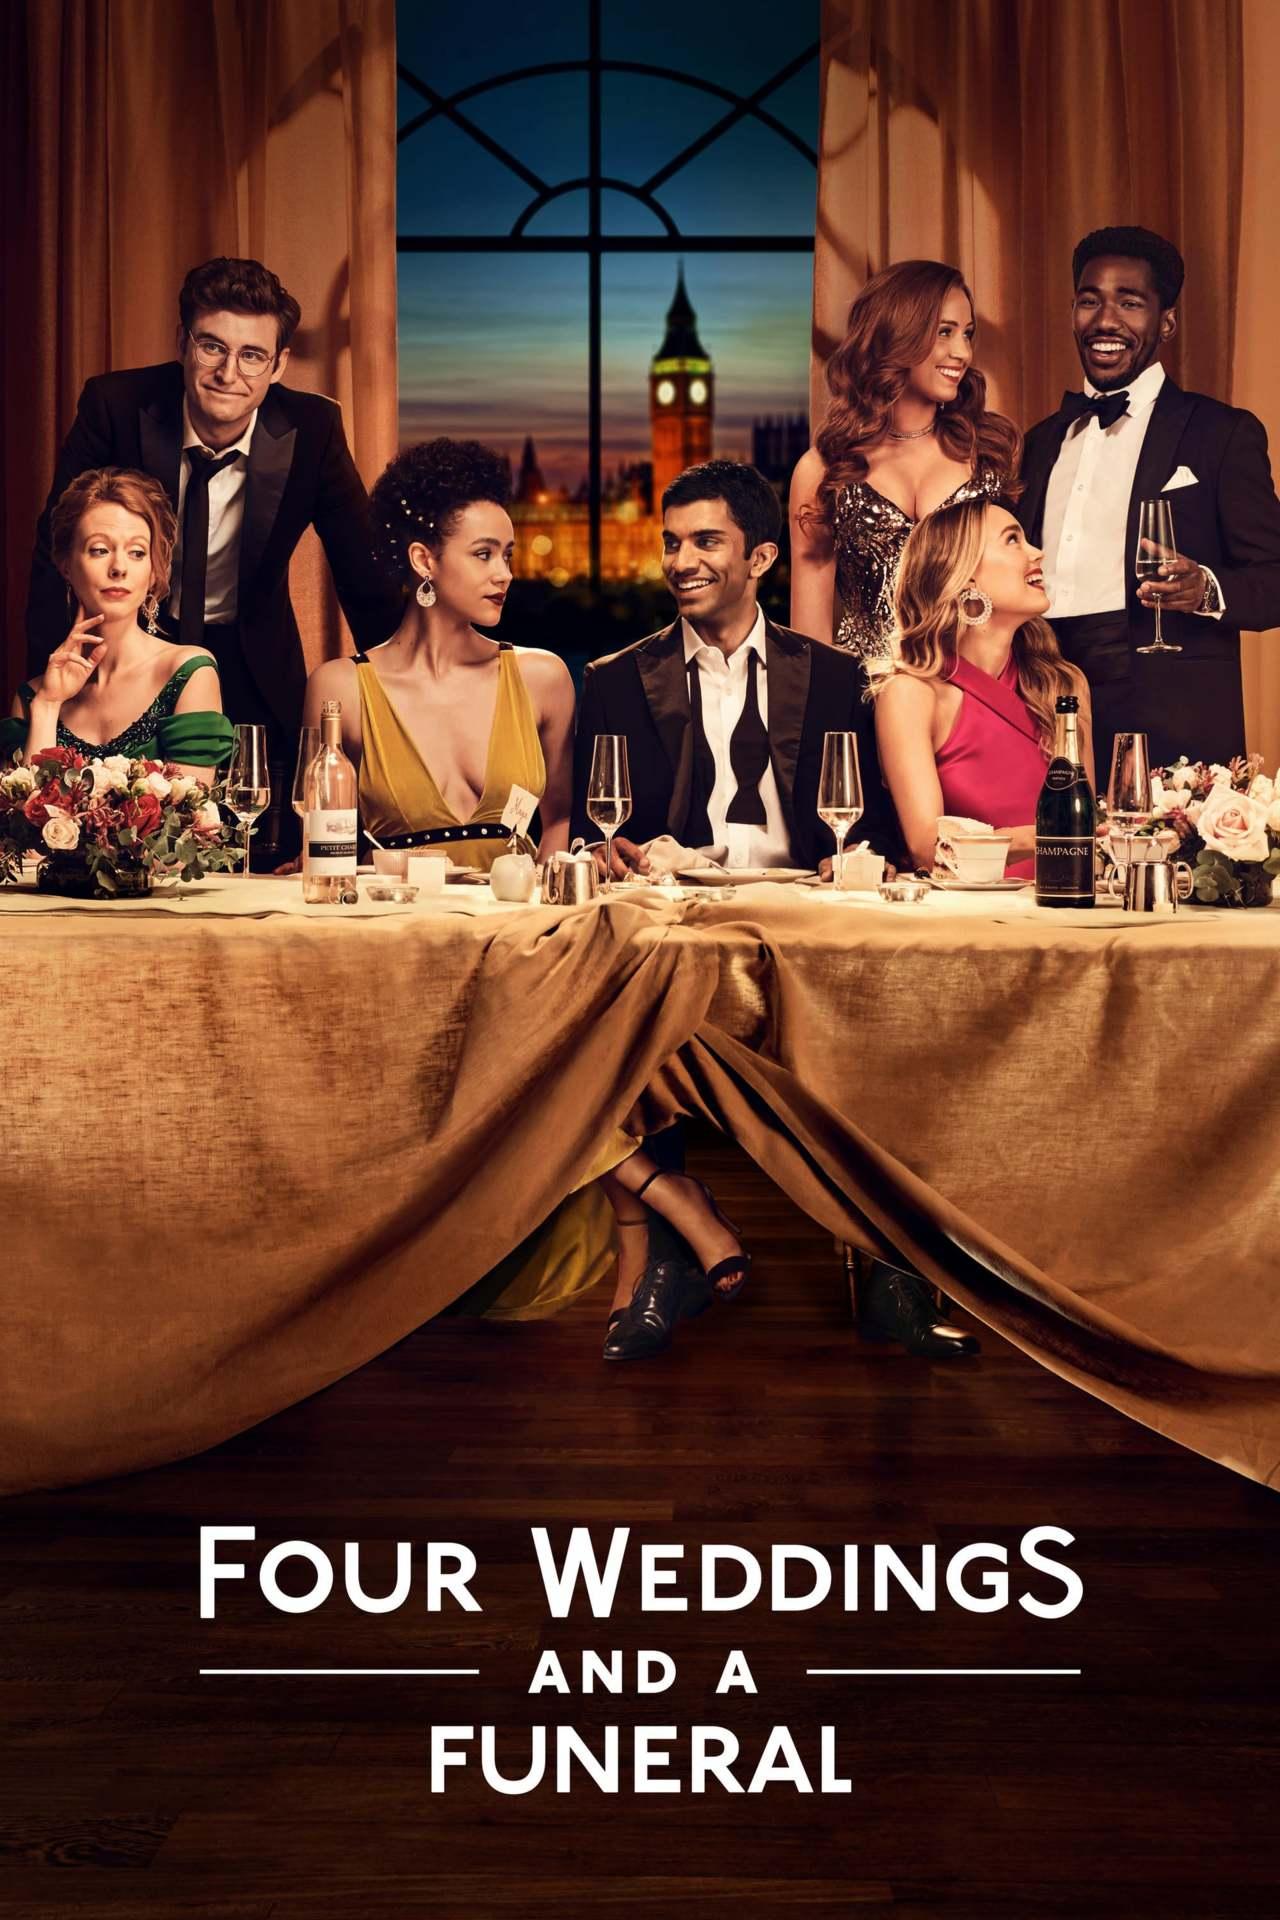 Постер фильма Четыре свадьбы и одни похороны Four Weddings and a Funeral 2019